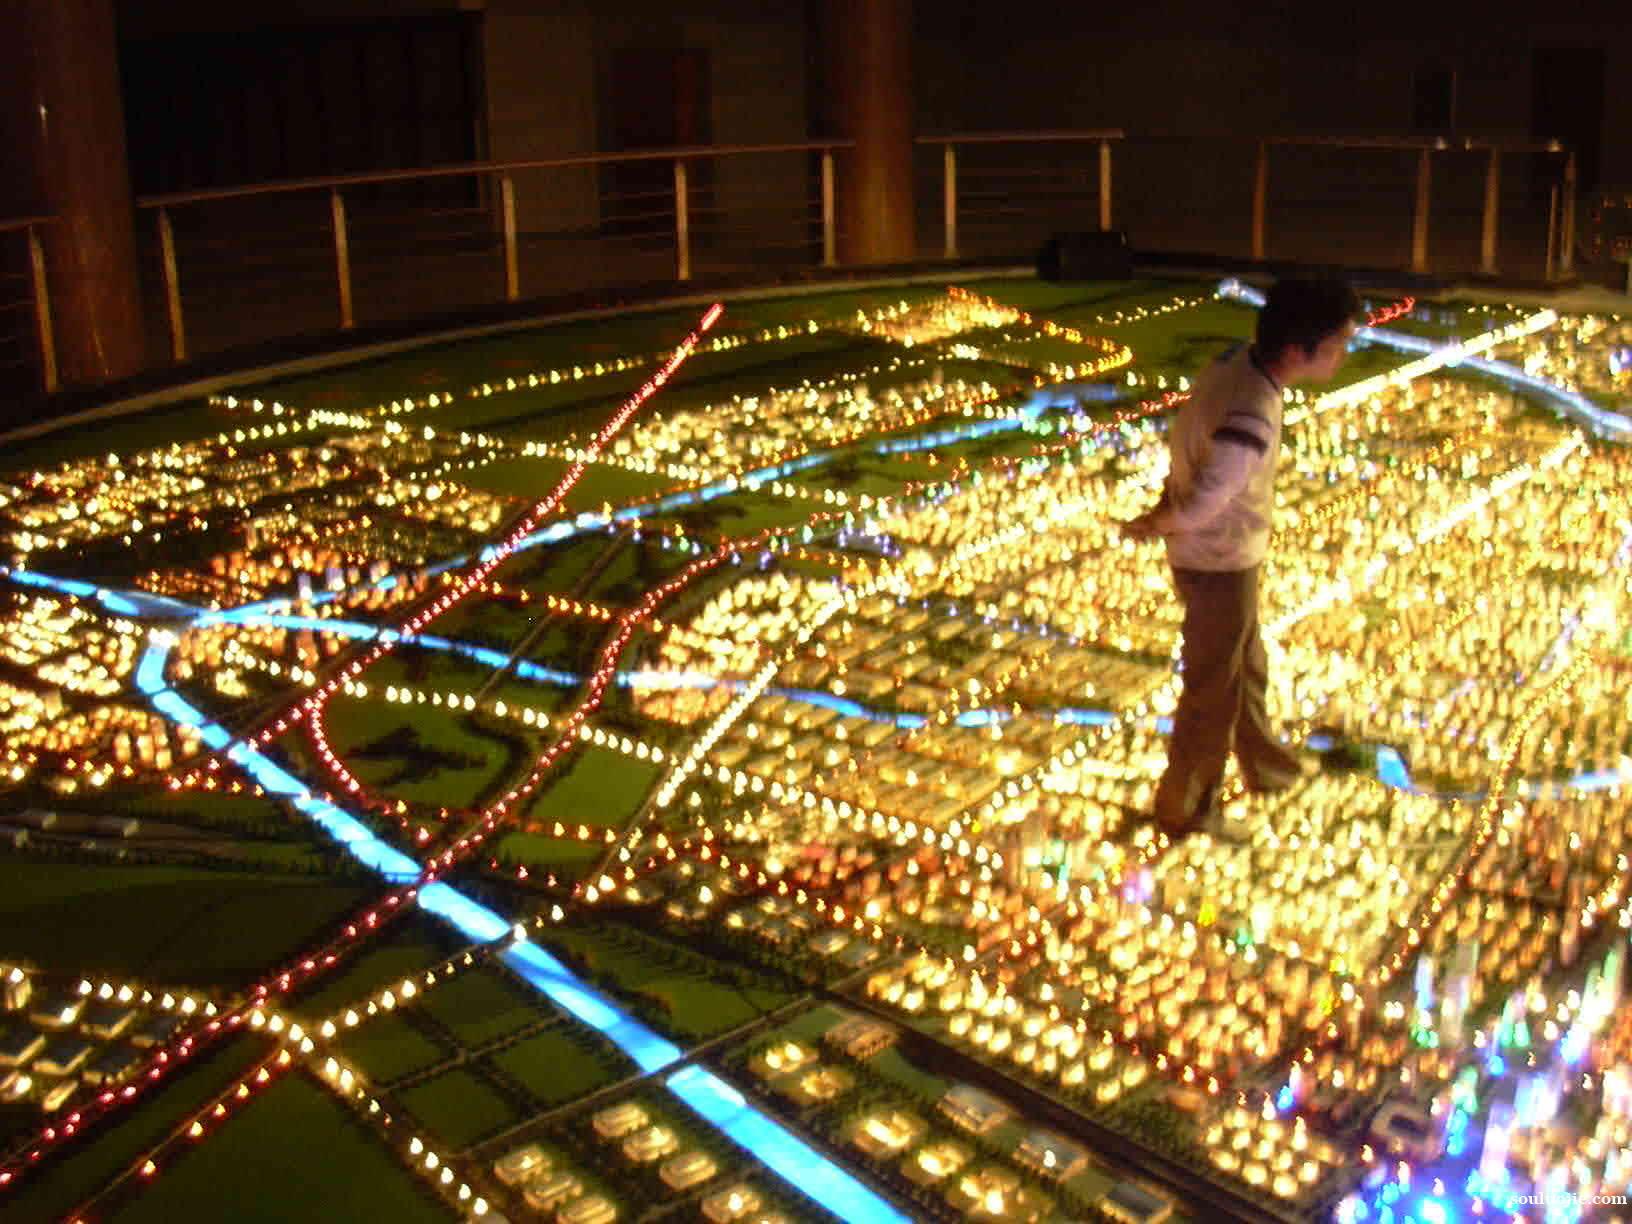 地形地貌沙盘模型设计厂家,巧岸合肥模型制作公司